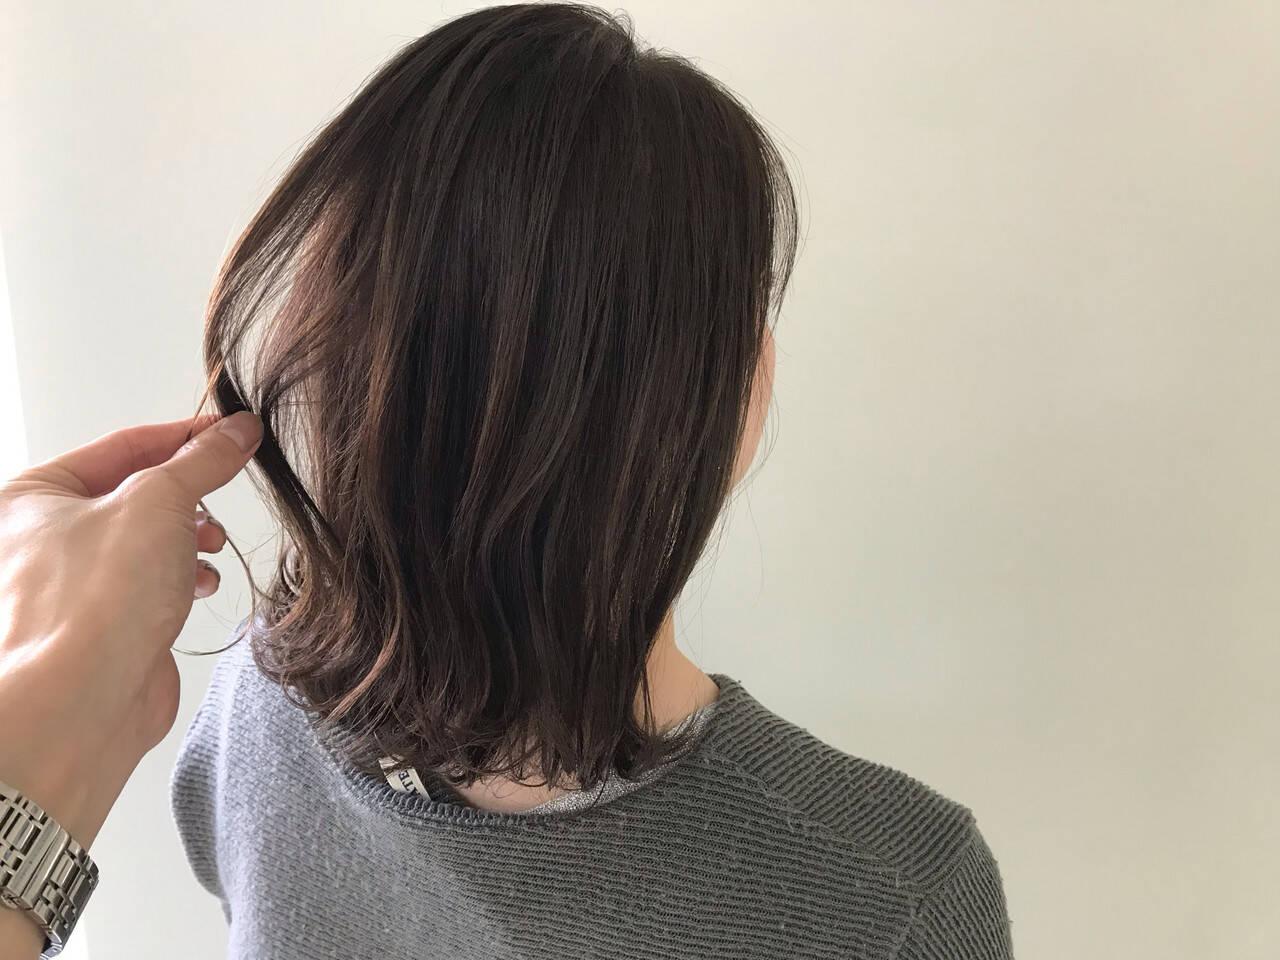 ミディアム アンニュイほつれヘア デート オフィスヘアスタイルや髪型の写真・画像